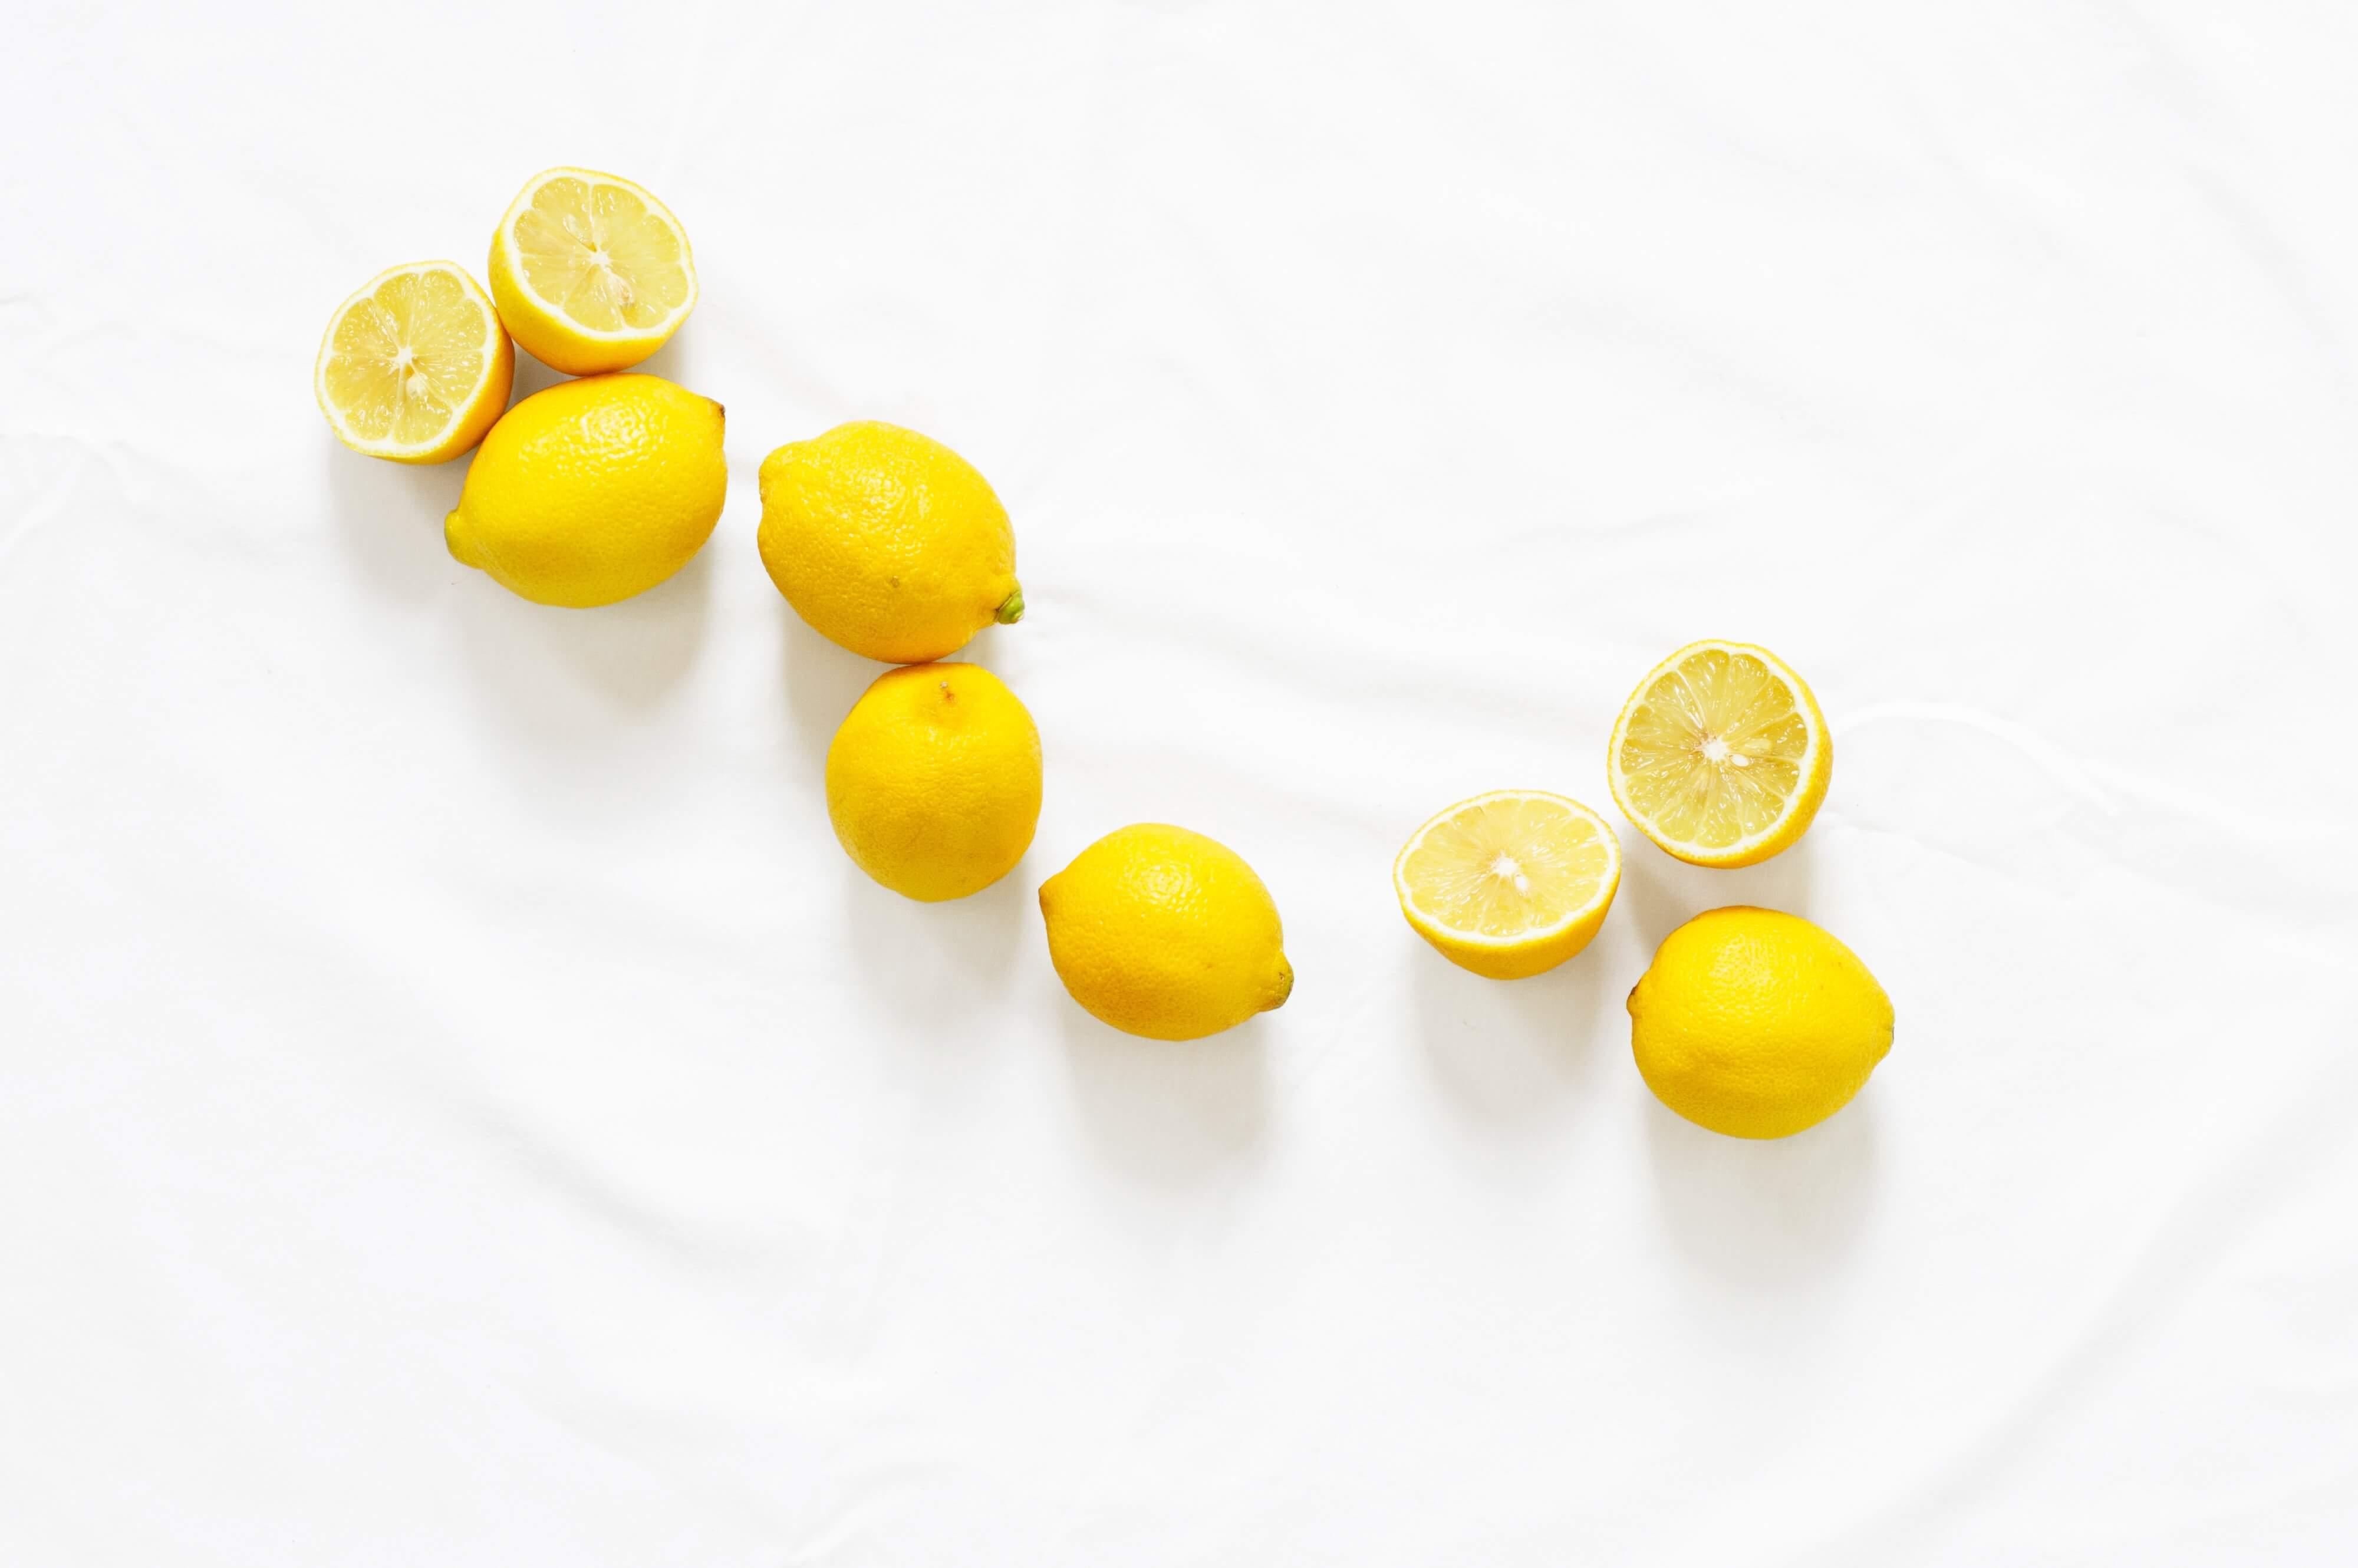 productos fabricacion limones franfer horchateria los valencianos